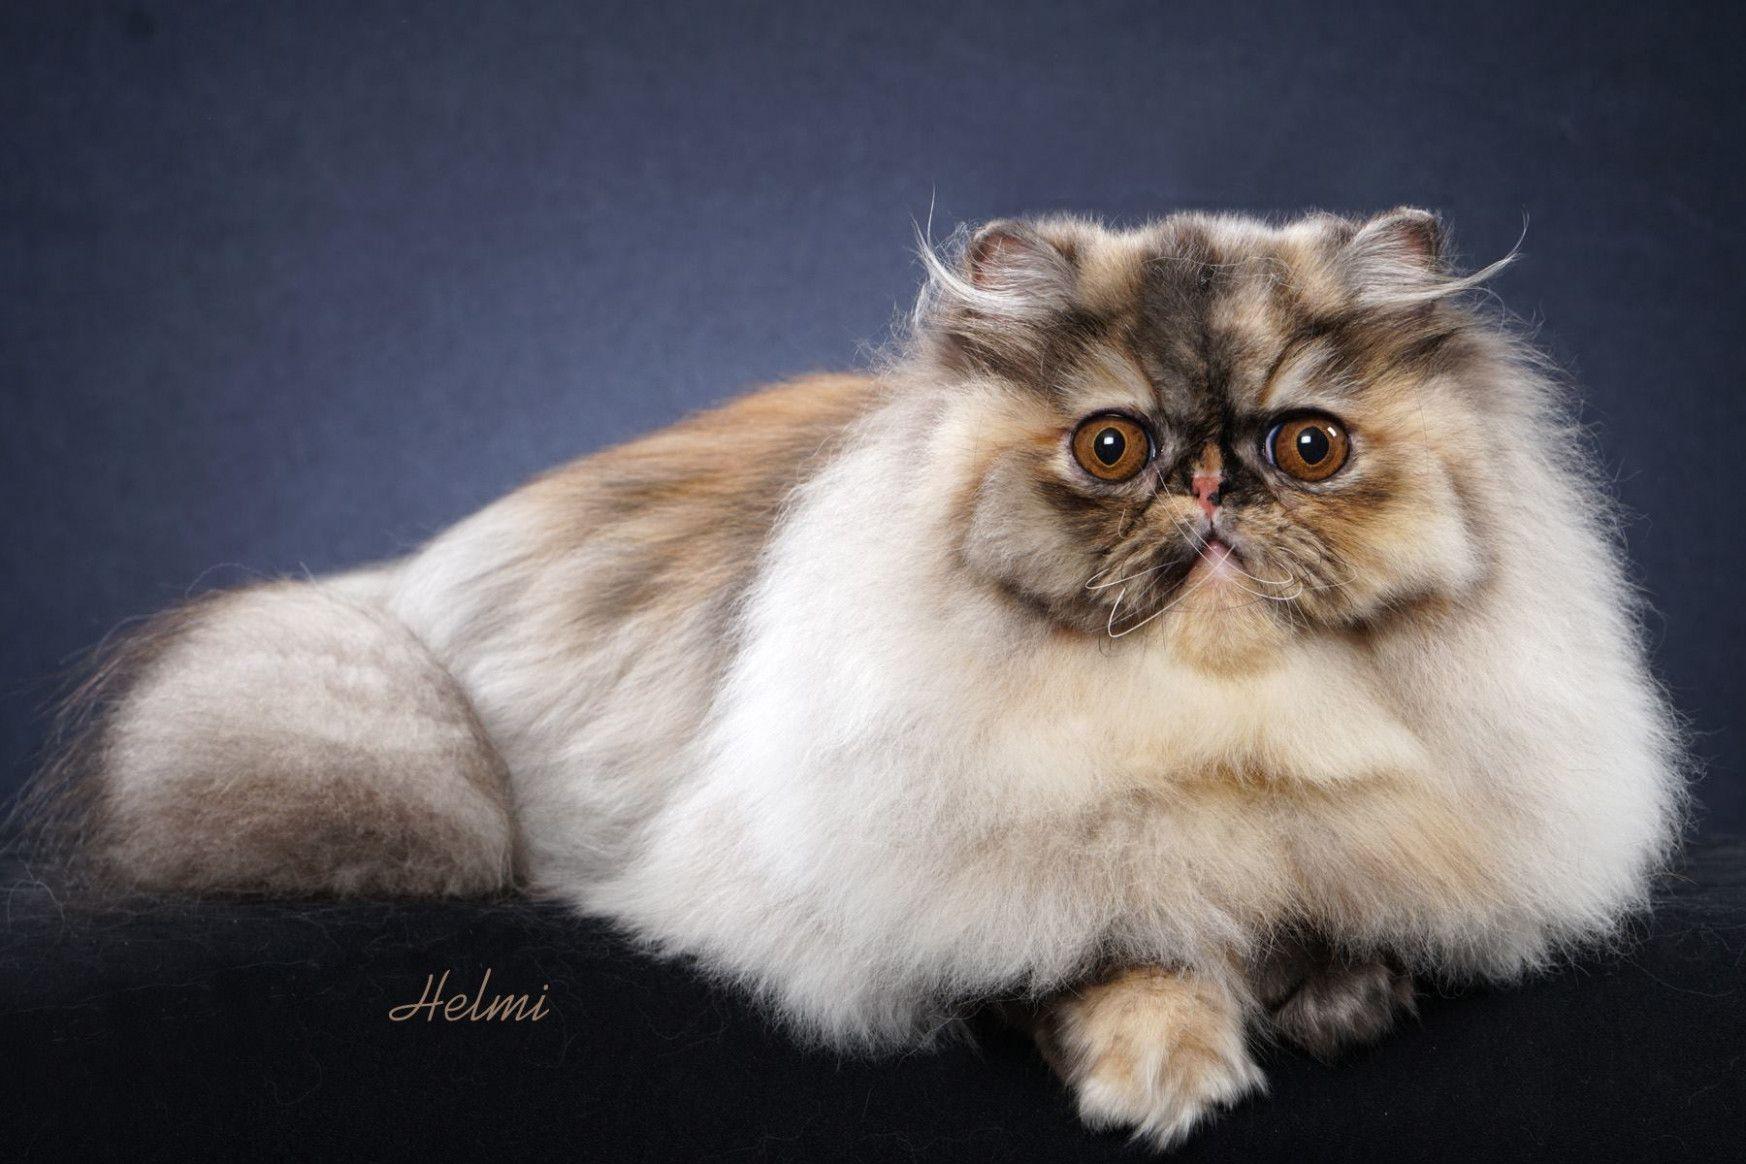 12 Female Persian Cat Image in 2020 Persian kittens